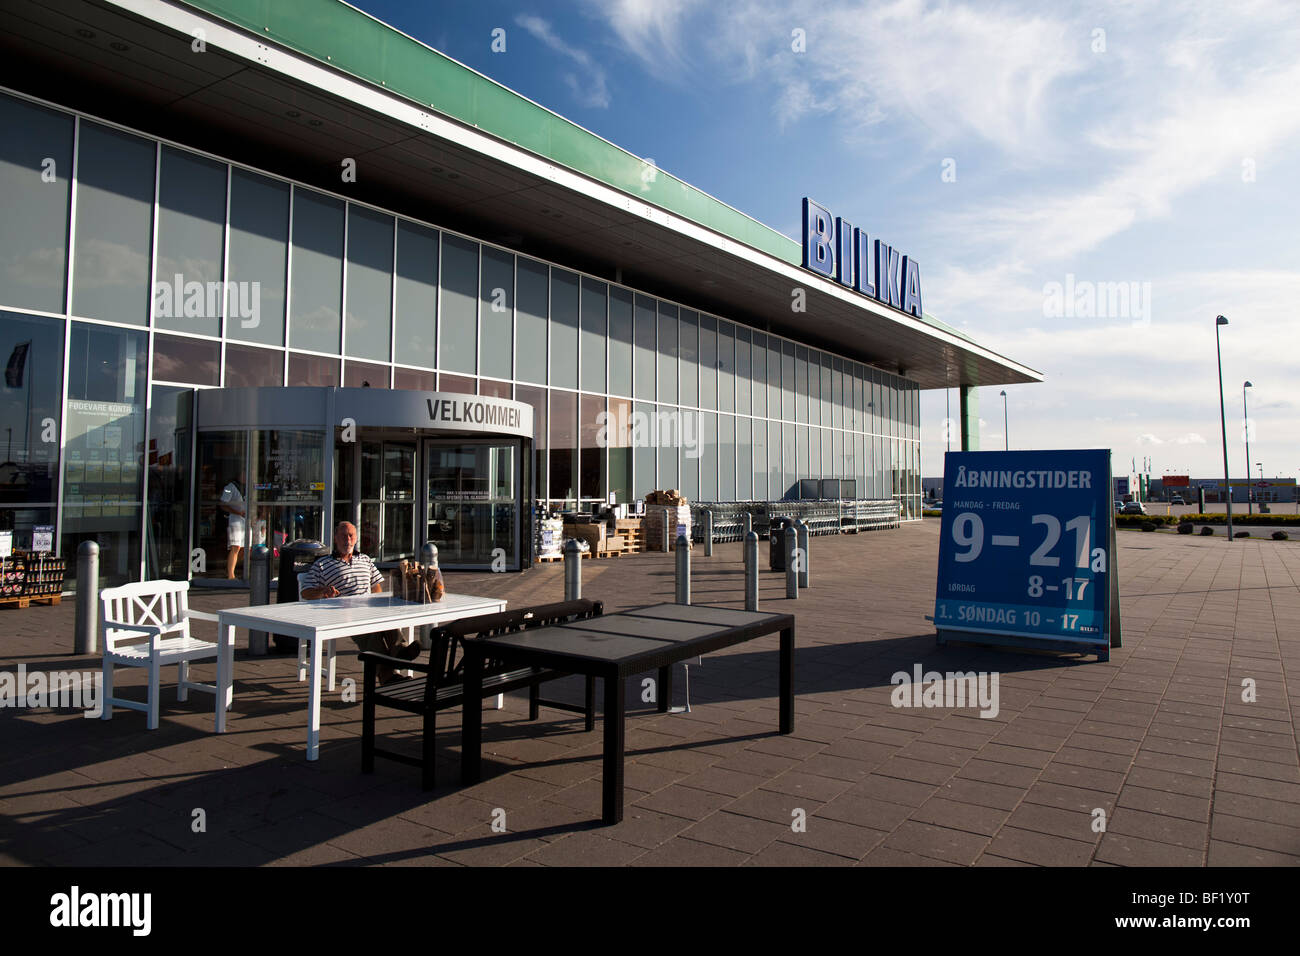 Echte Lager Von Dem Bilka In Viborg Dänemark Stockfoto Bild